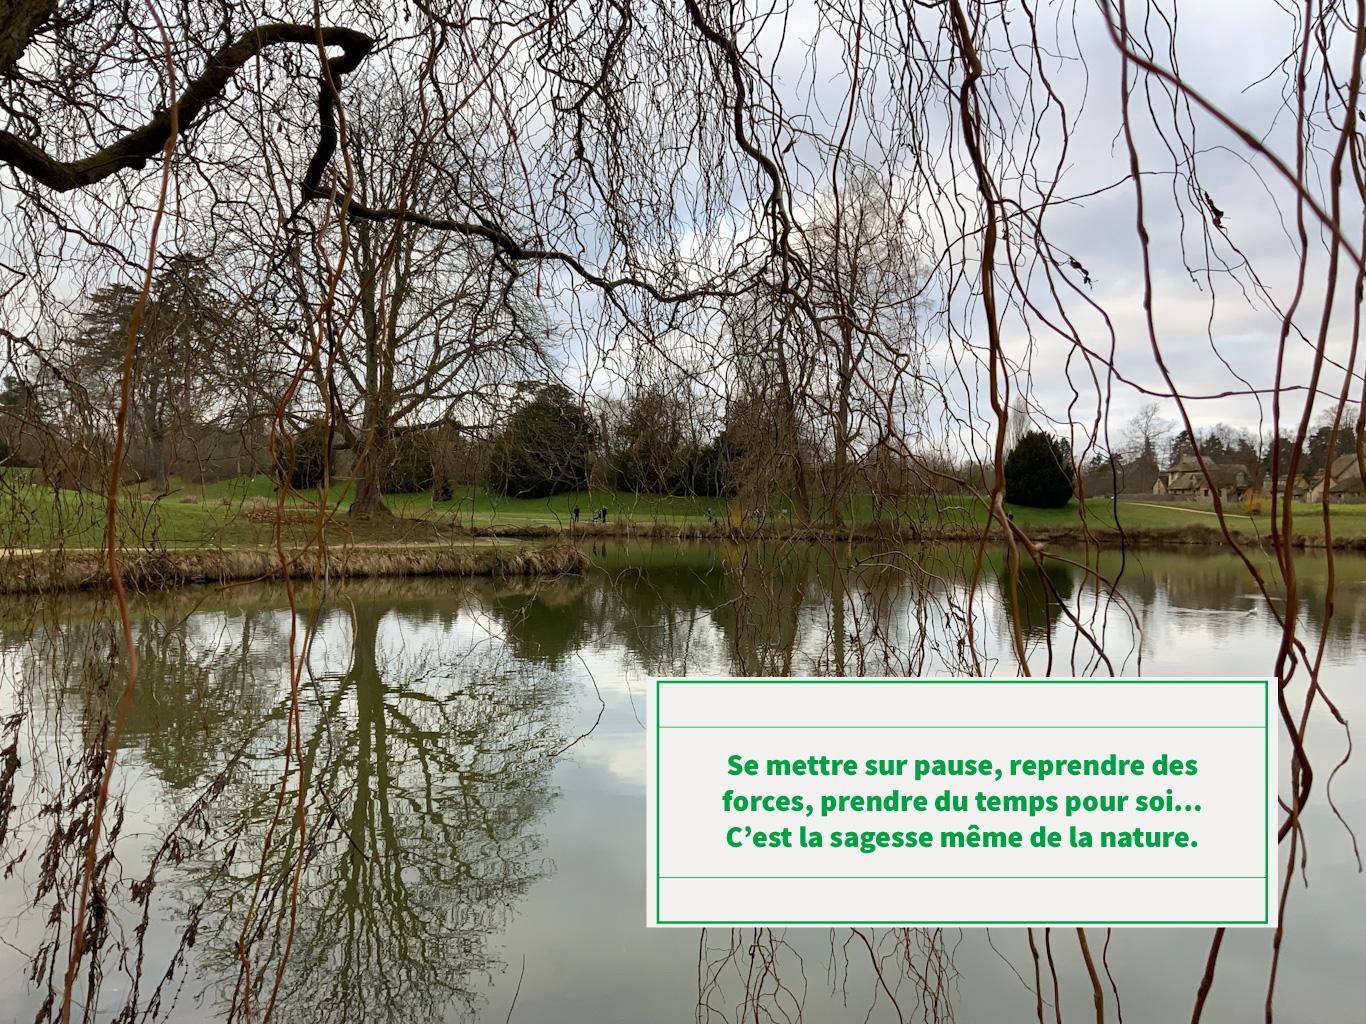 Citation sur un paysage avec des branches d'arbres nus au dessus d'un lac